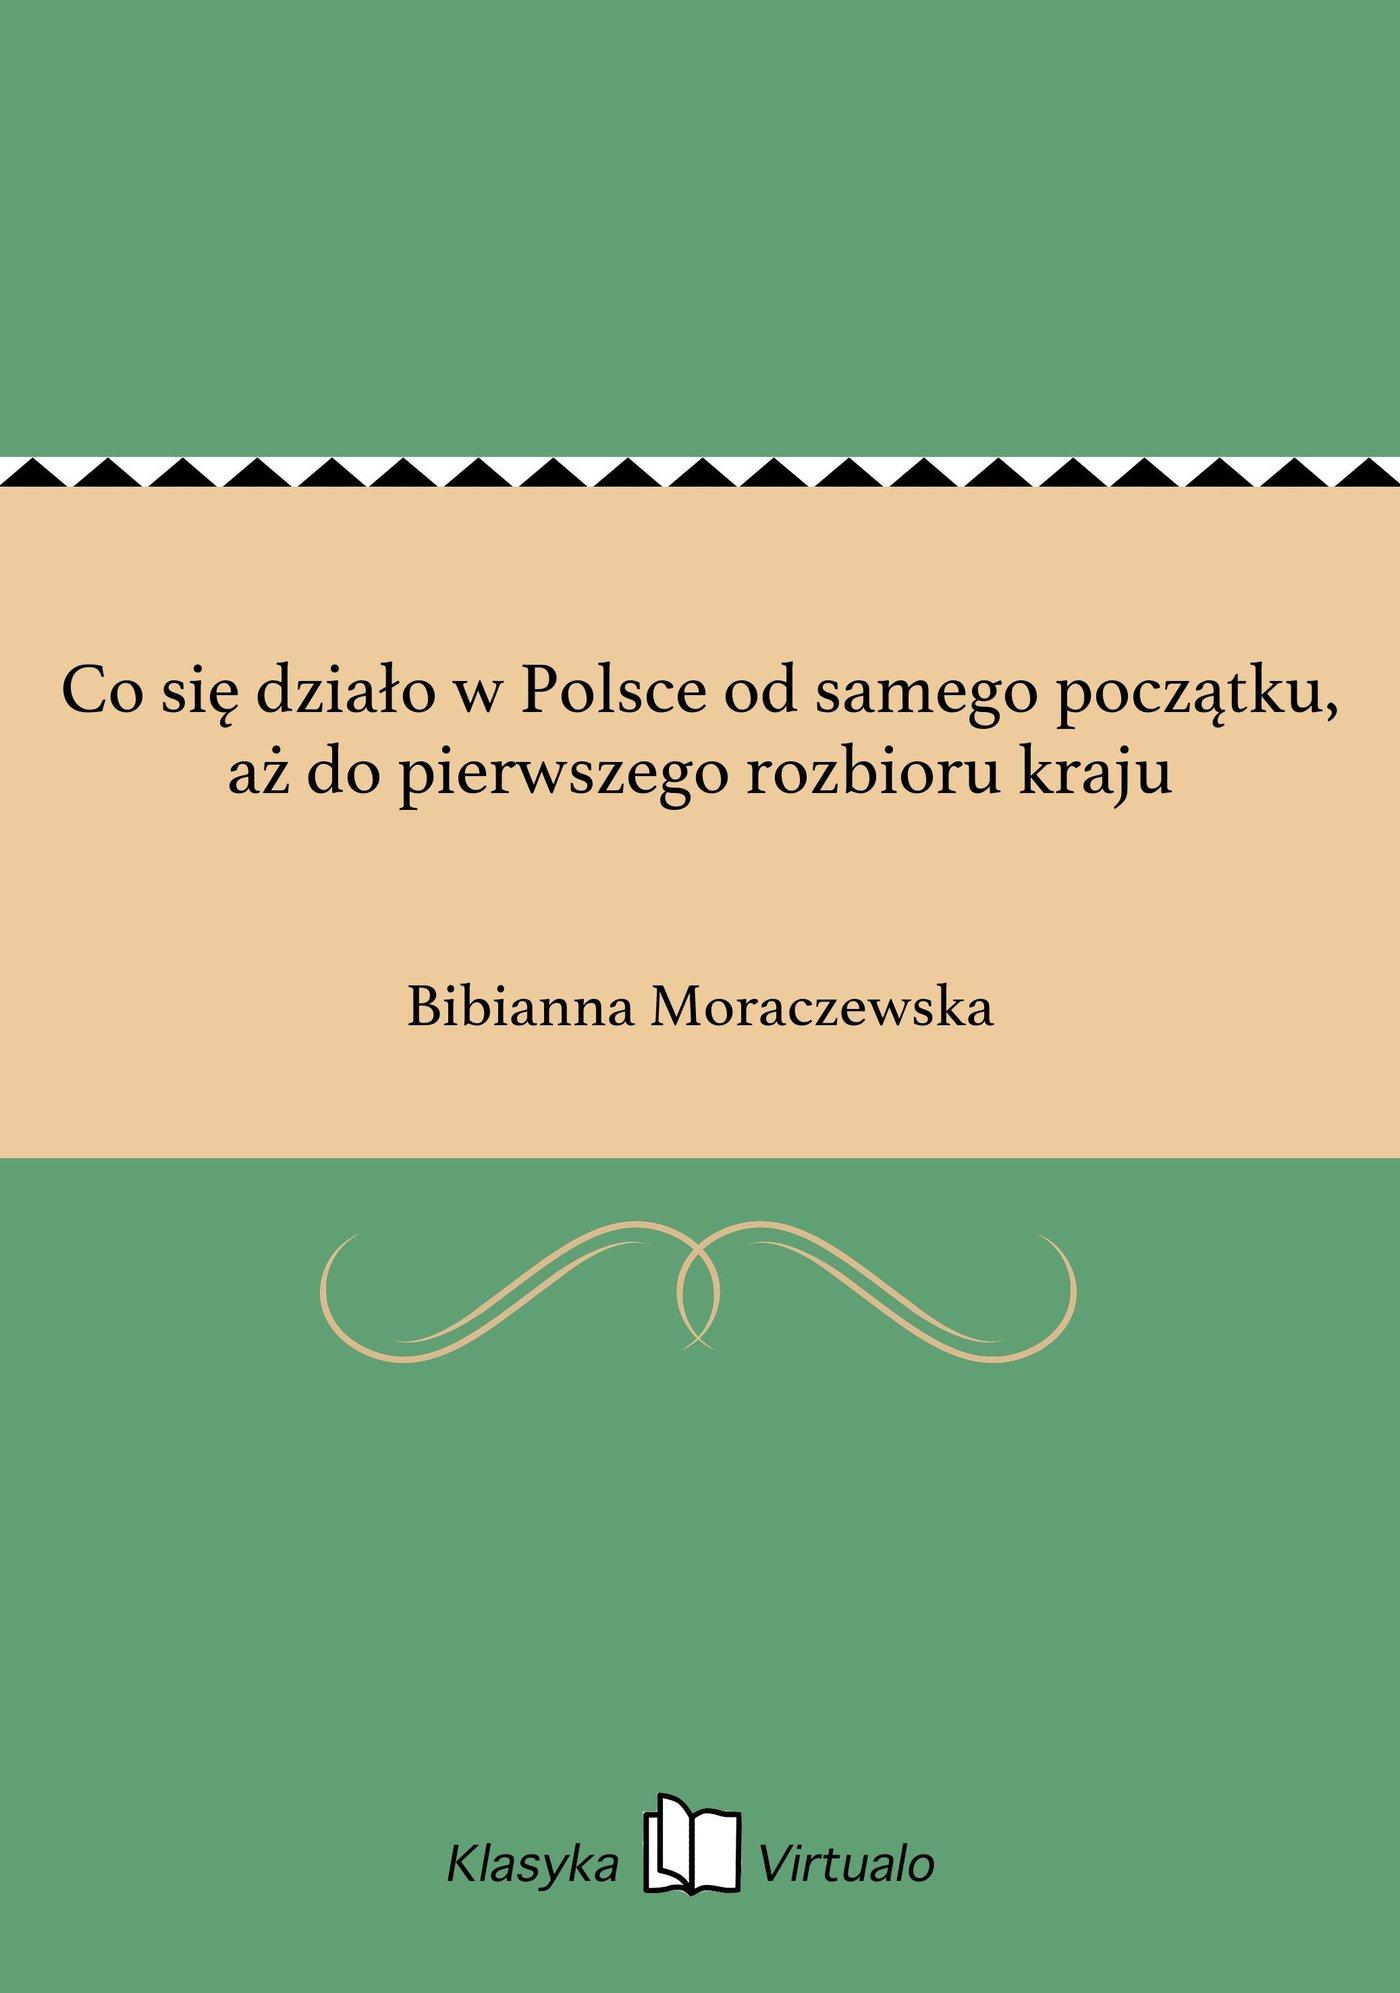 Co się działo w Polsce od samego początku, aż do pierwszego rozbioru kraju - Ebook (Książka EPUB) do pobrania w formacie EPUB